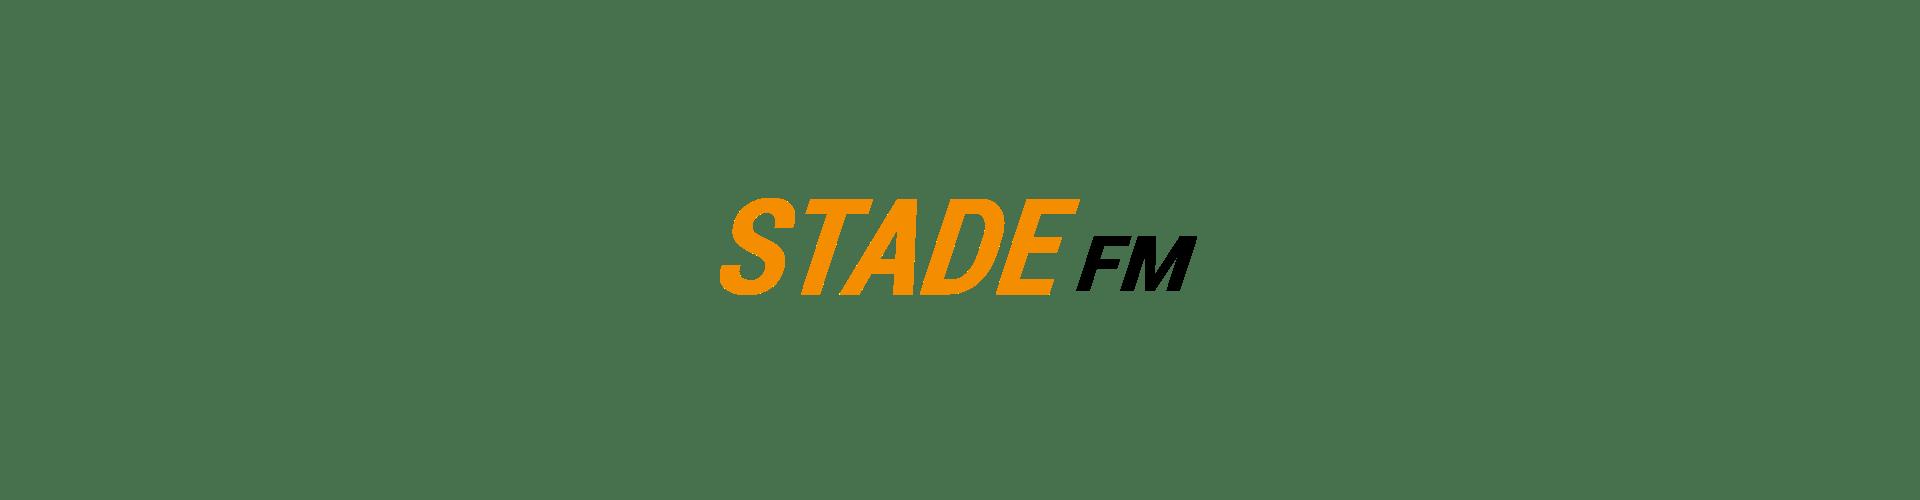 Stade FM